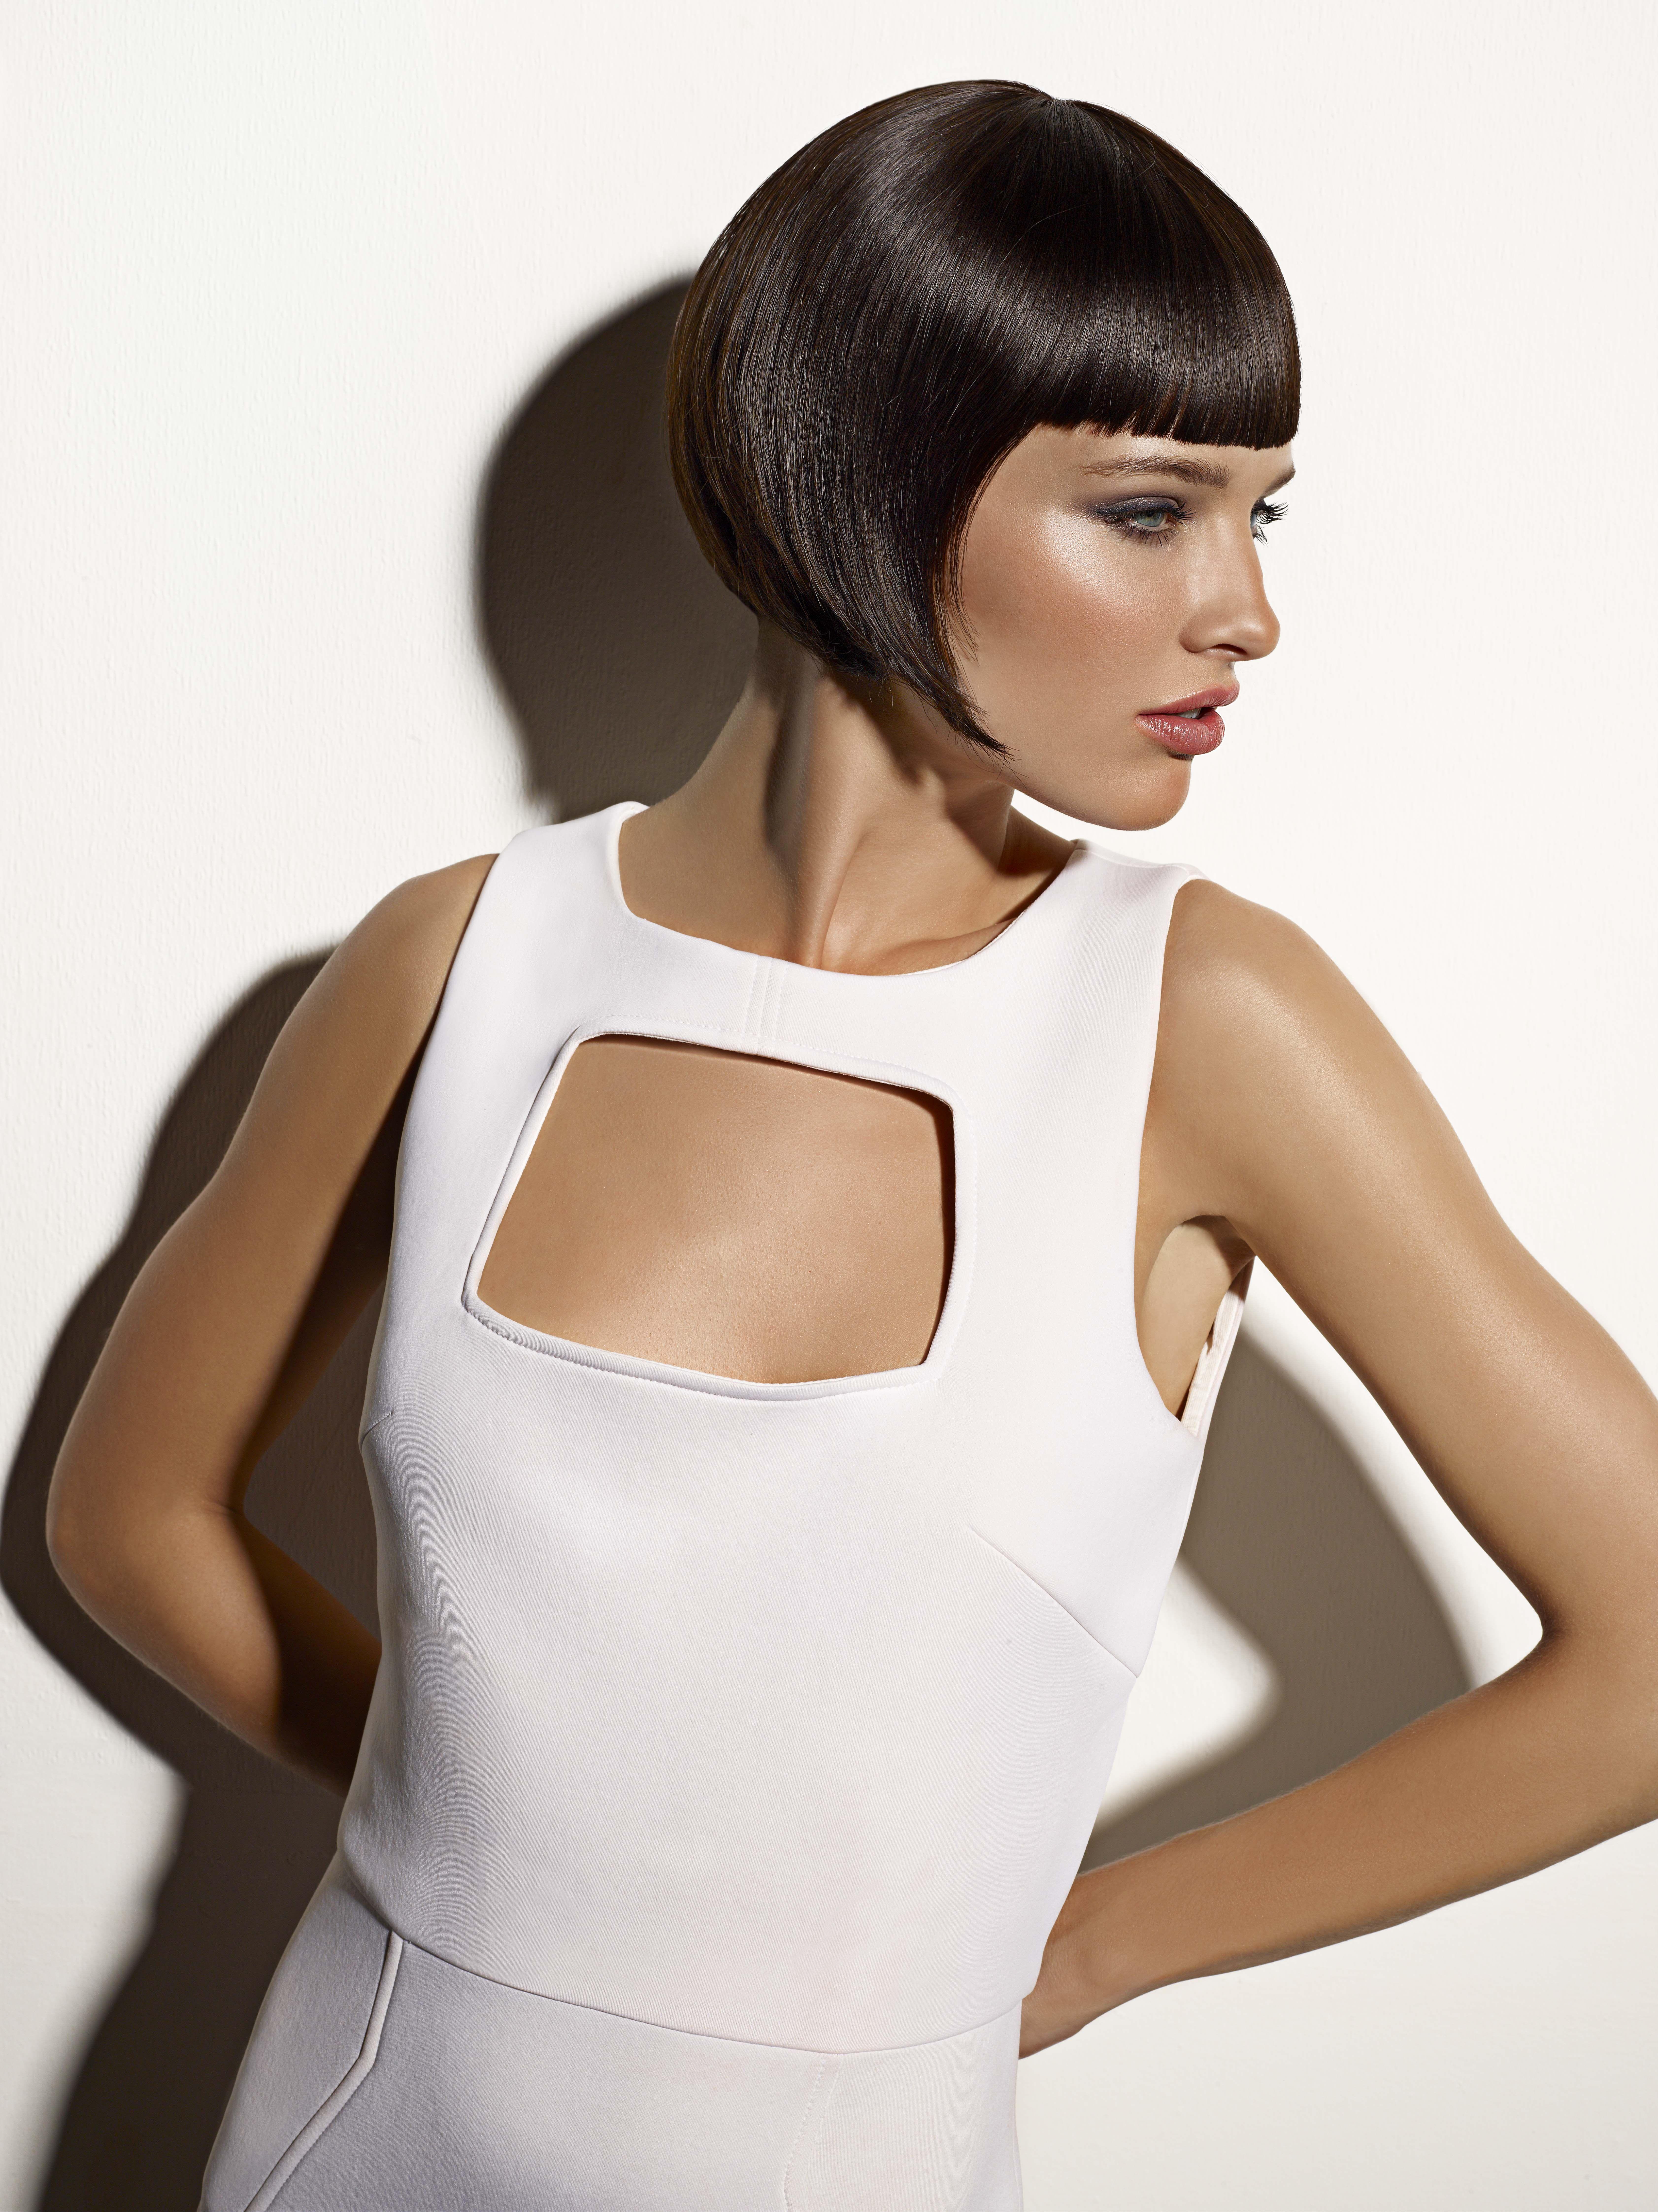 Salon De Coiffure Vog Coiffure Coiffure Cheveux Beaute